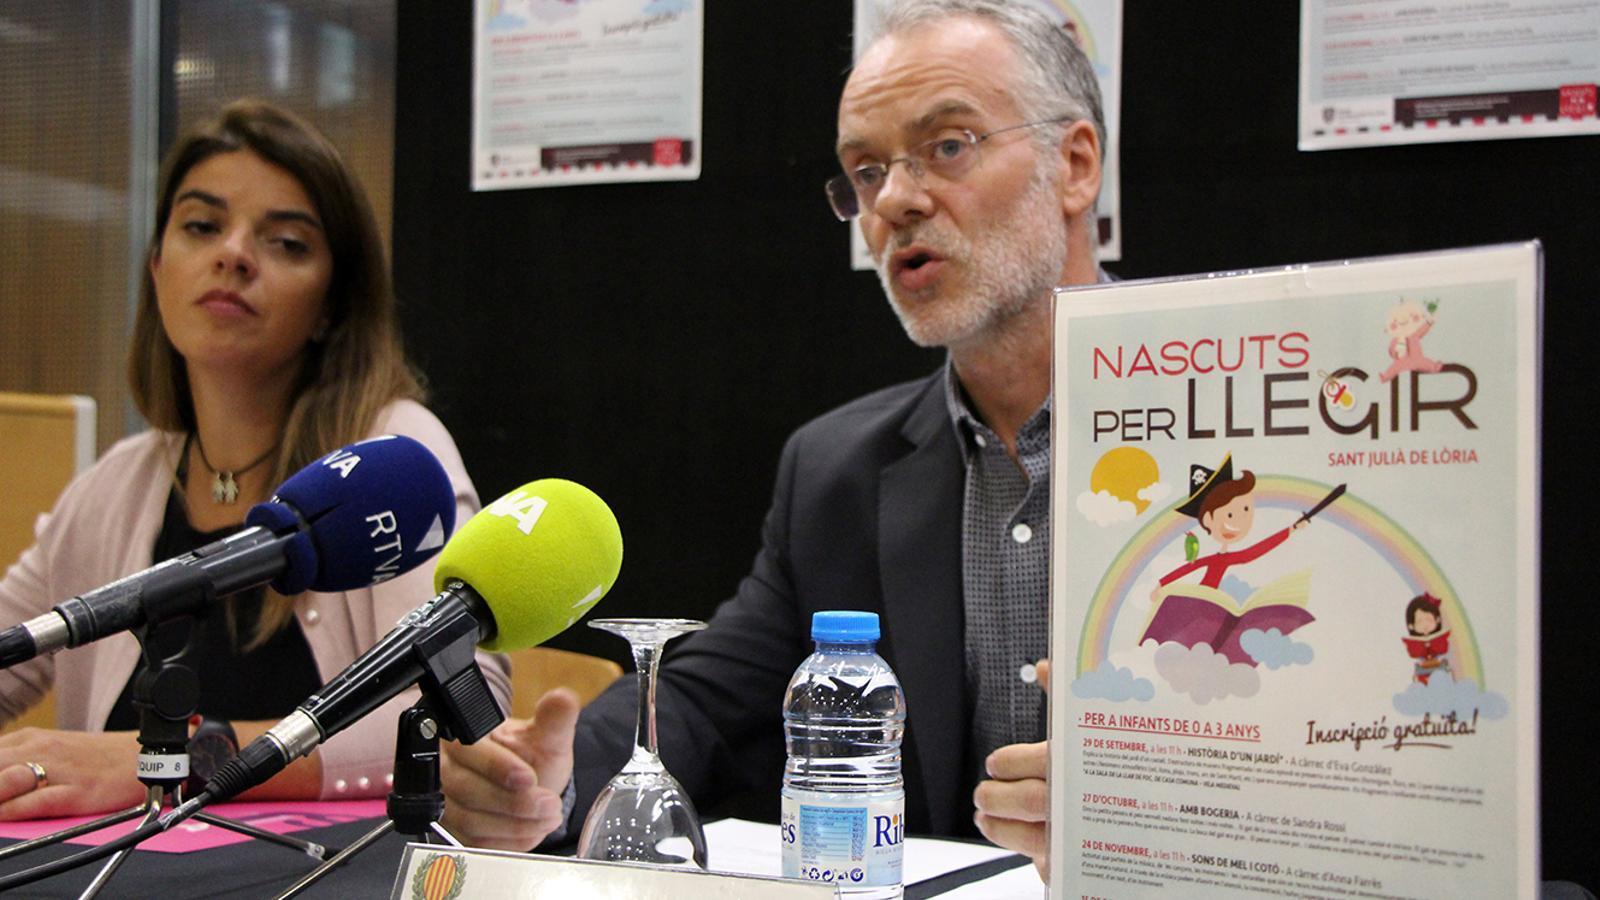 La responsable de la biblioteca, Beth Gil, i el conseller de Cultura, Josep Roig, durant la roda de premsa de presentació del nou cicle de Nascuts per llegir. / M. M. (ANA)